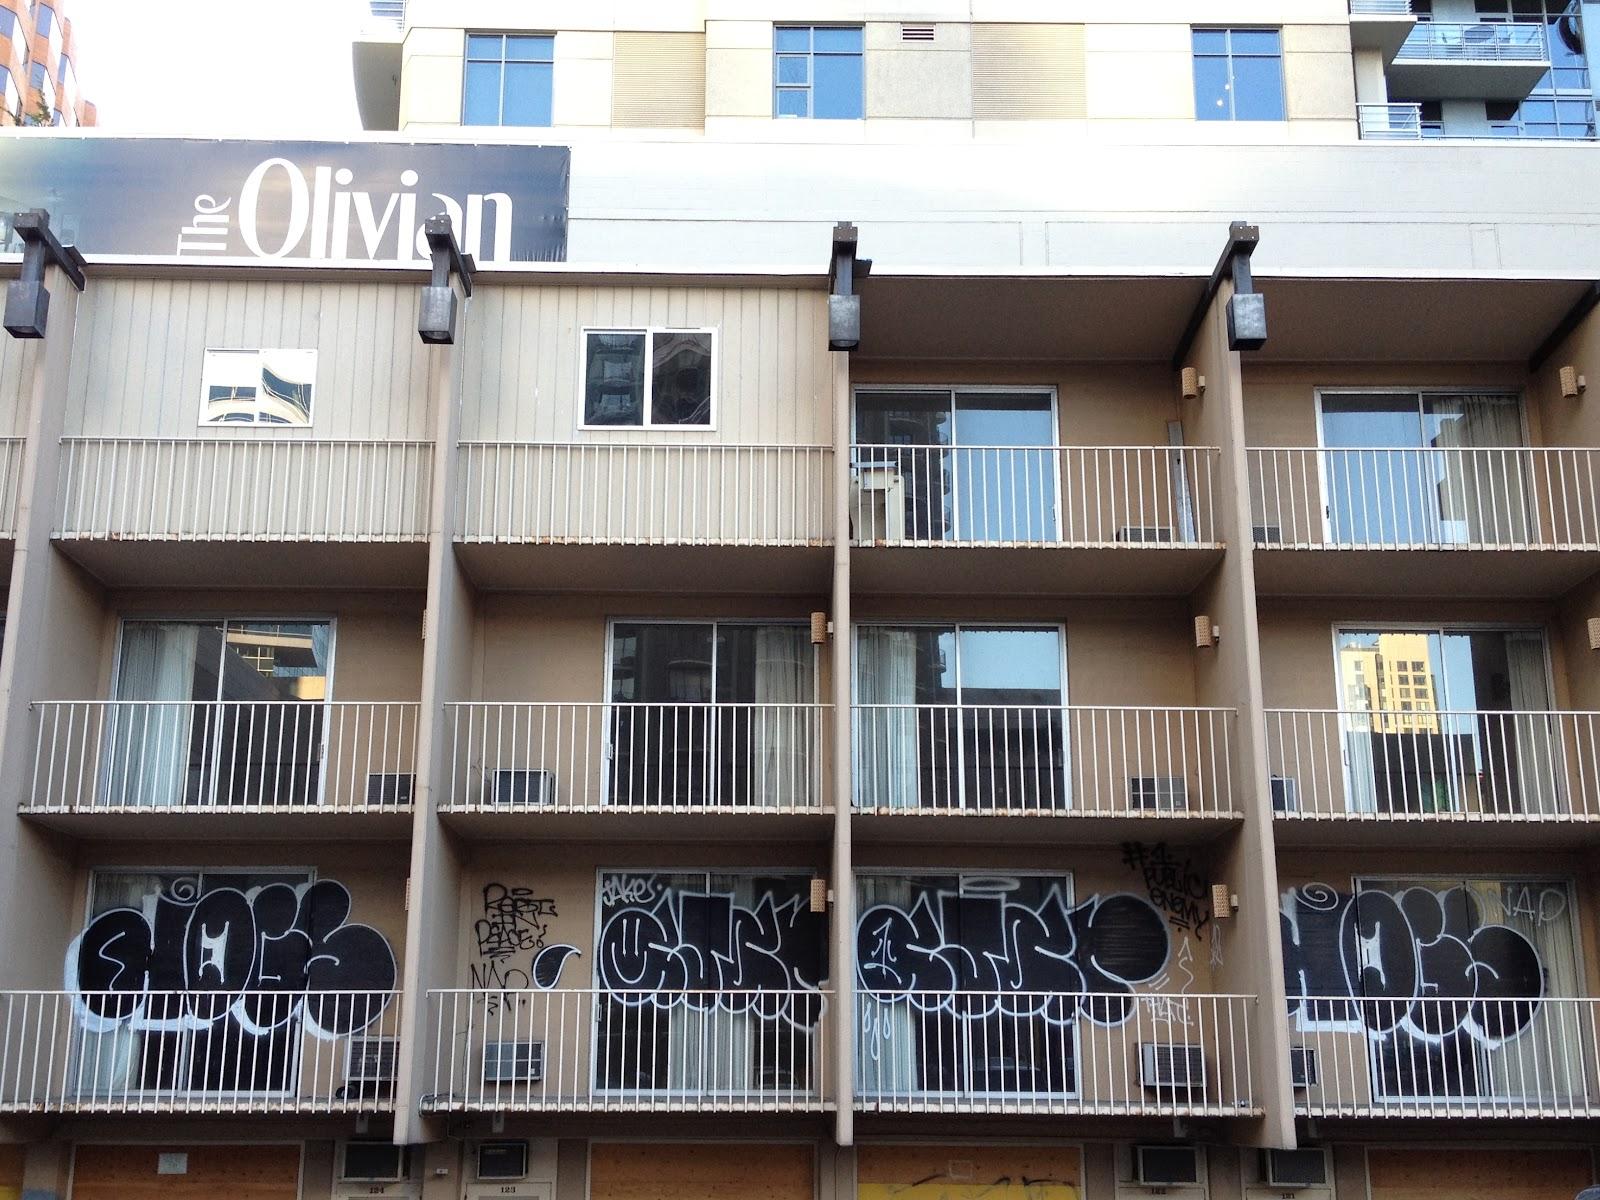 HOT DOG DAYZ Olivian Apartments Graffiti Seattle WA